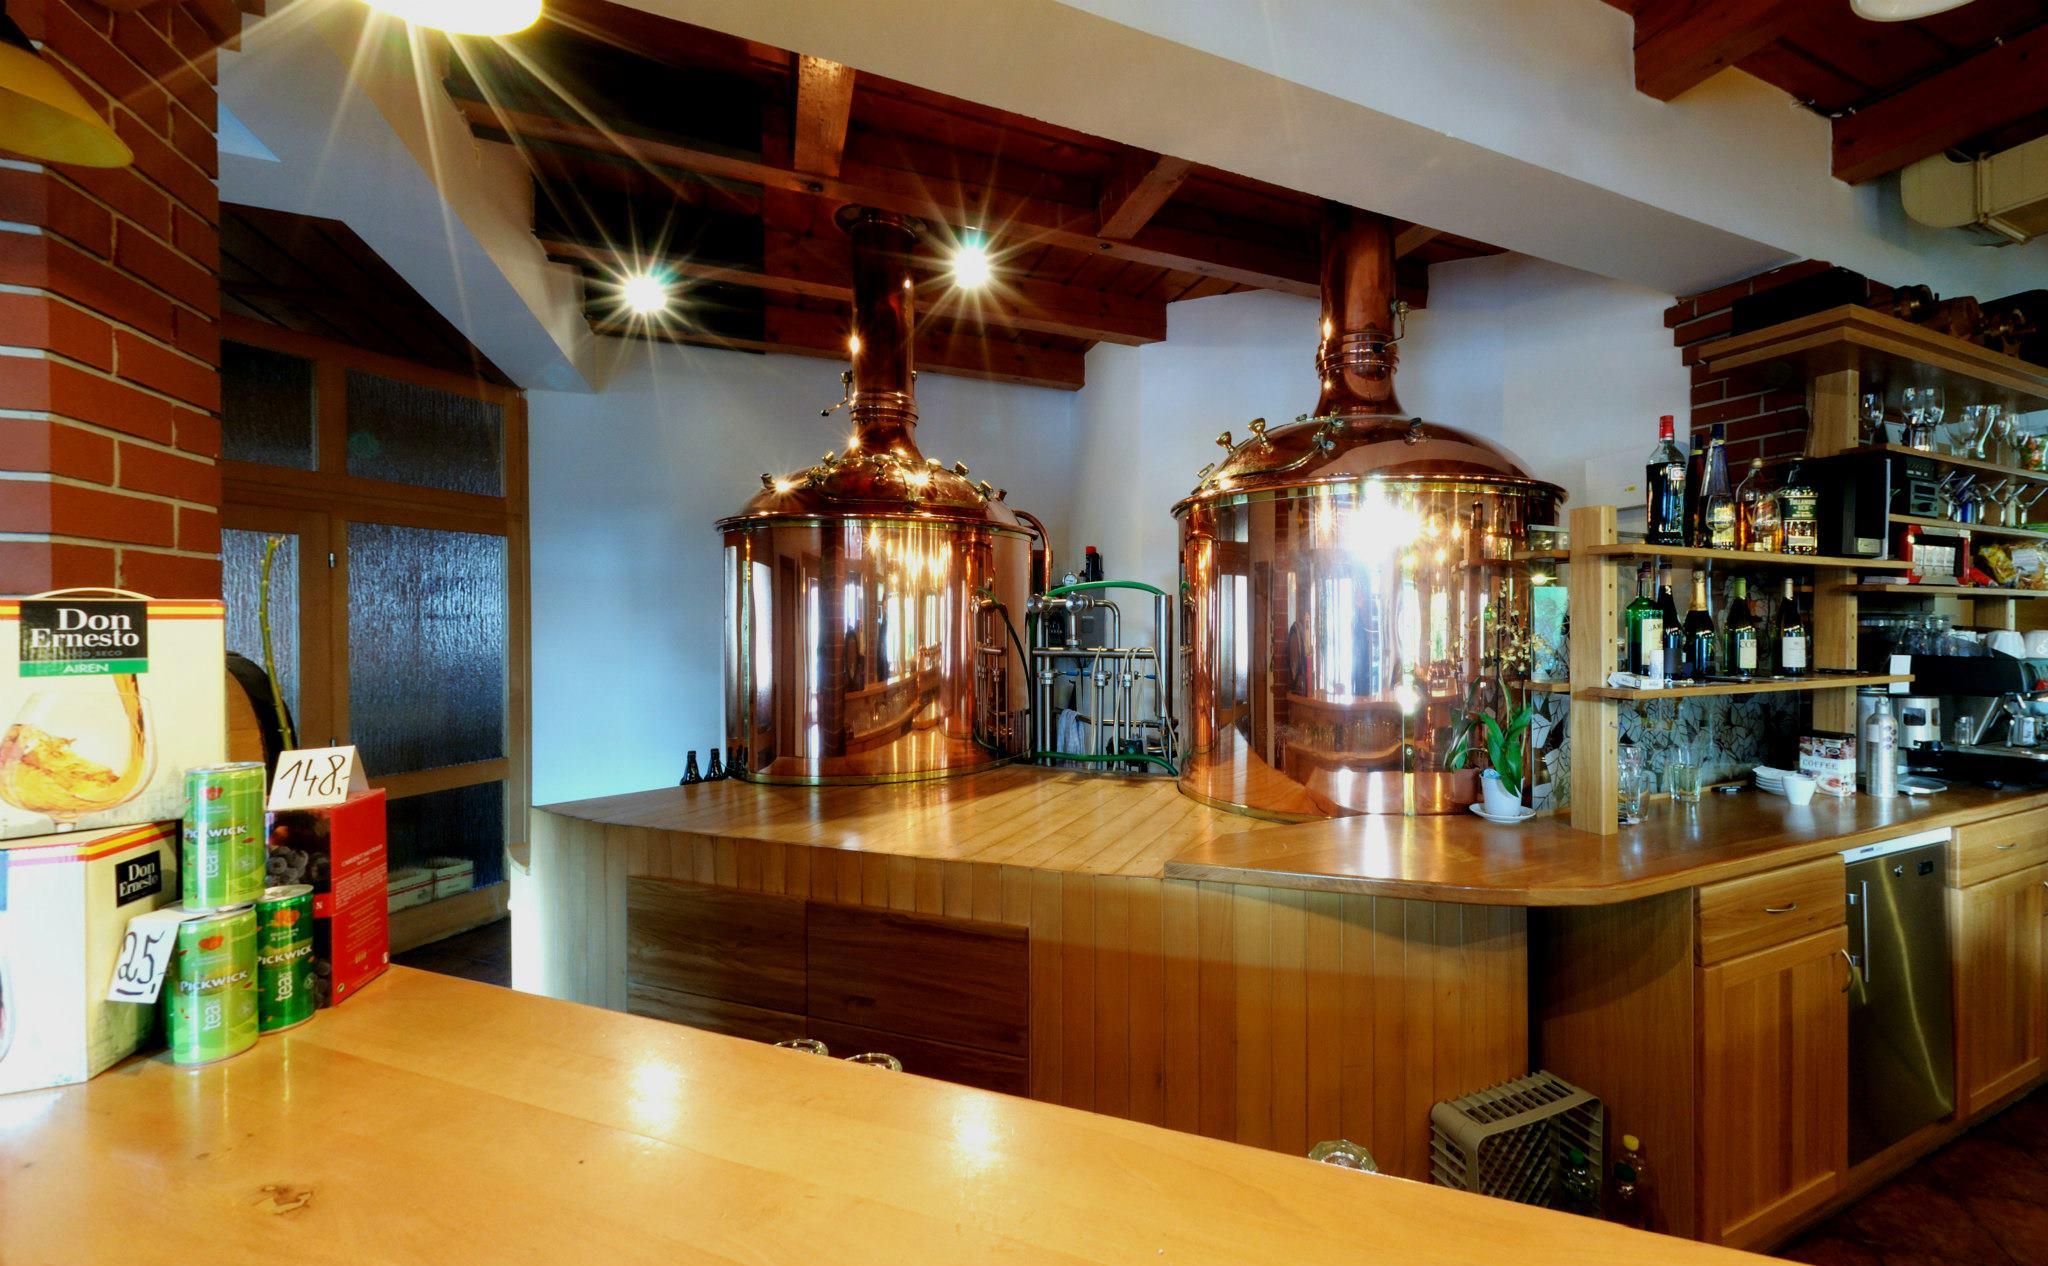 Rodinný pivovar Valášek